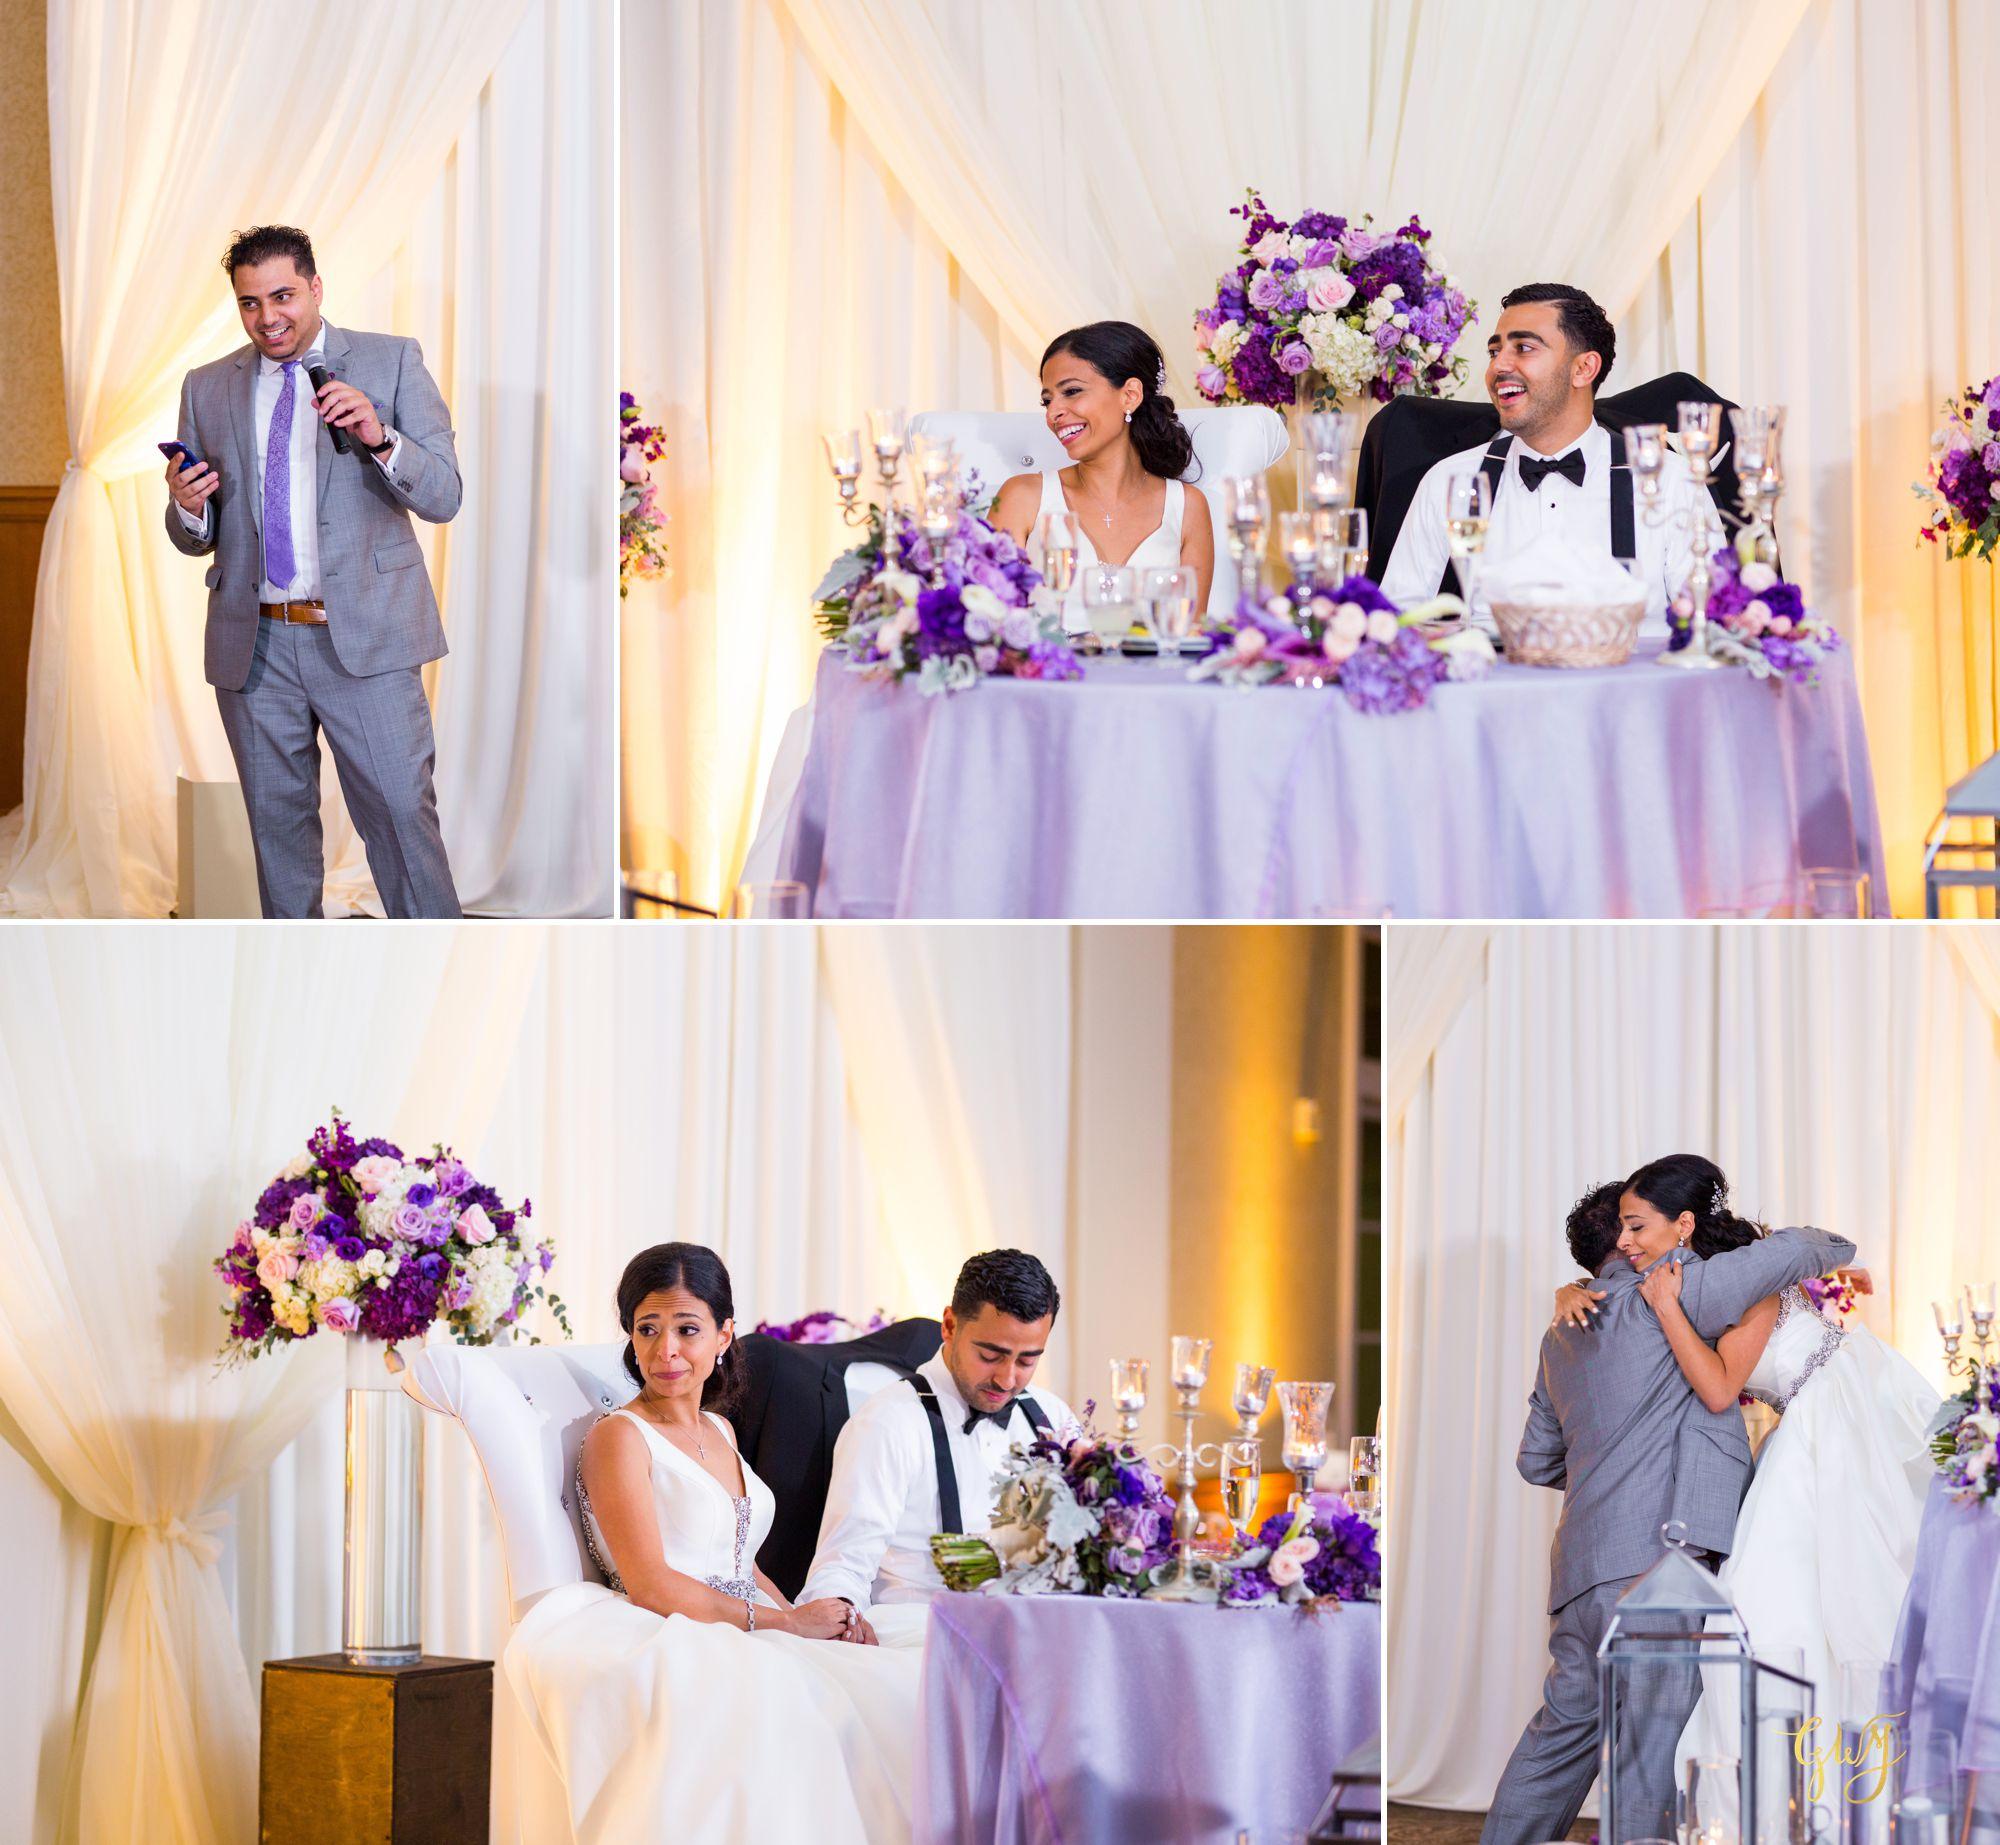 Joy + Mena Wedding Blog 33.jpg